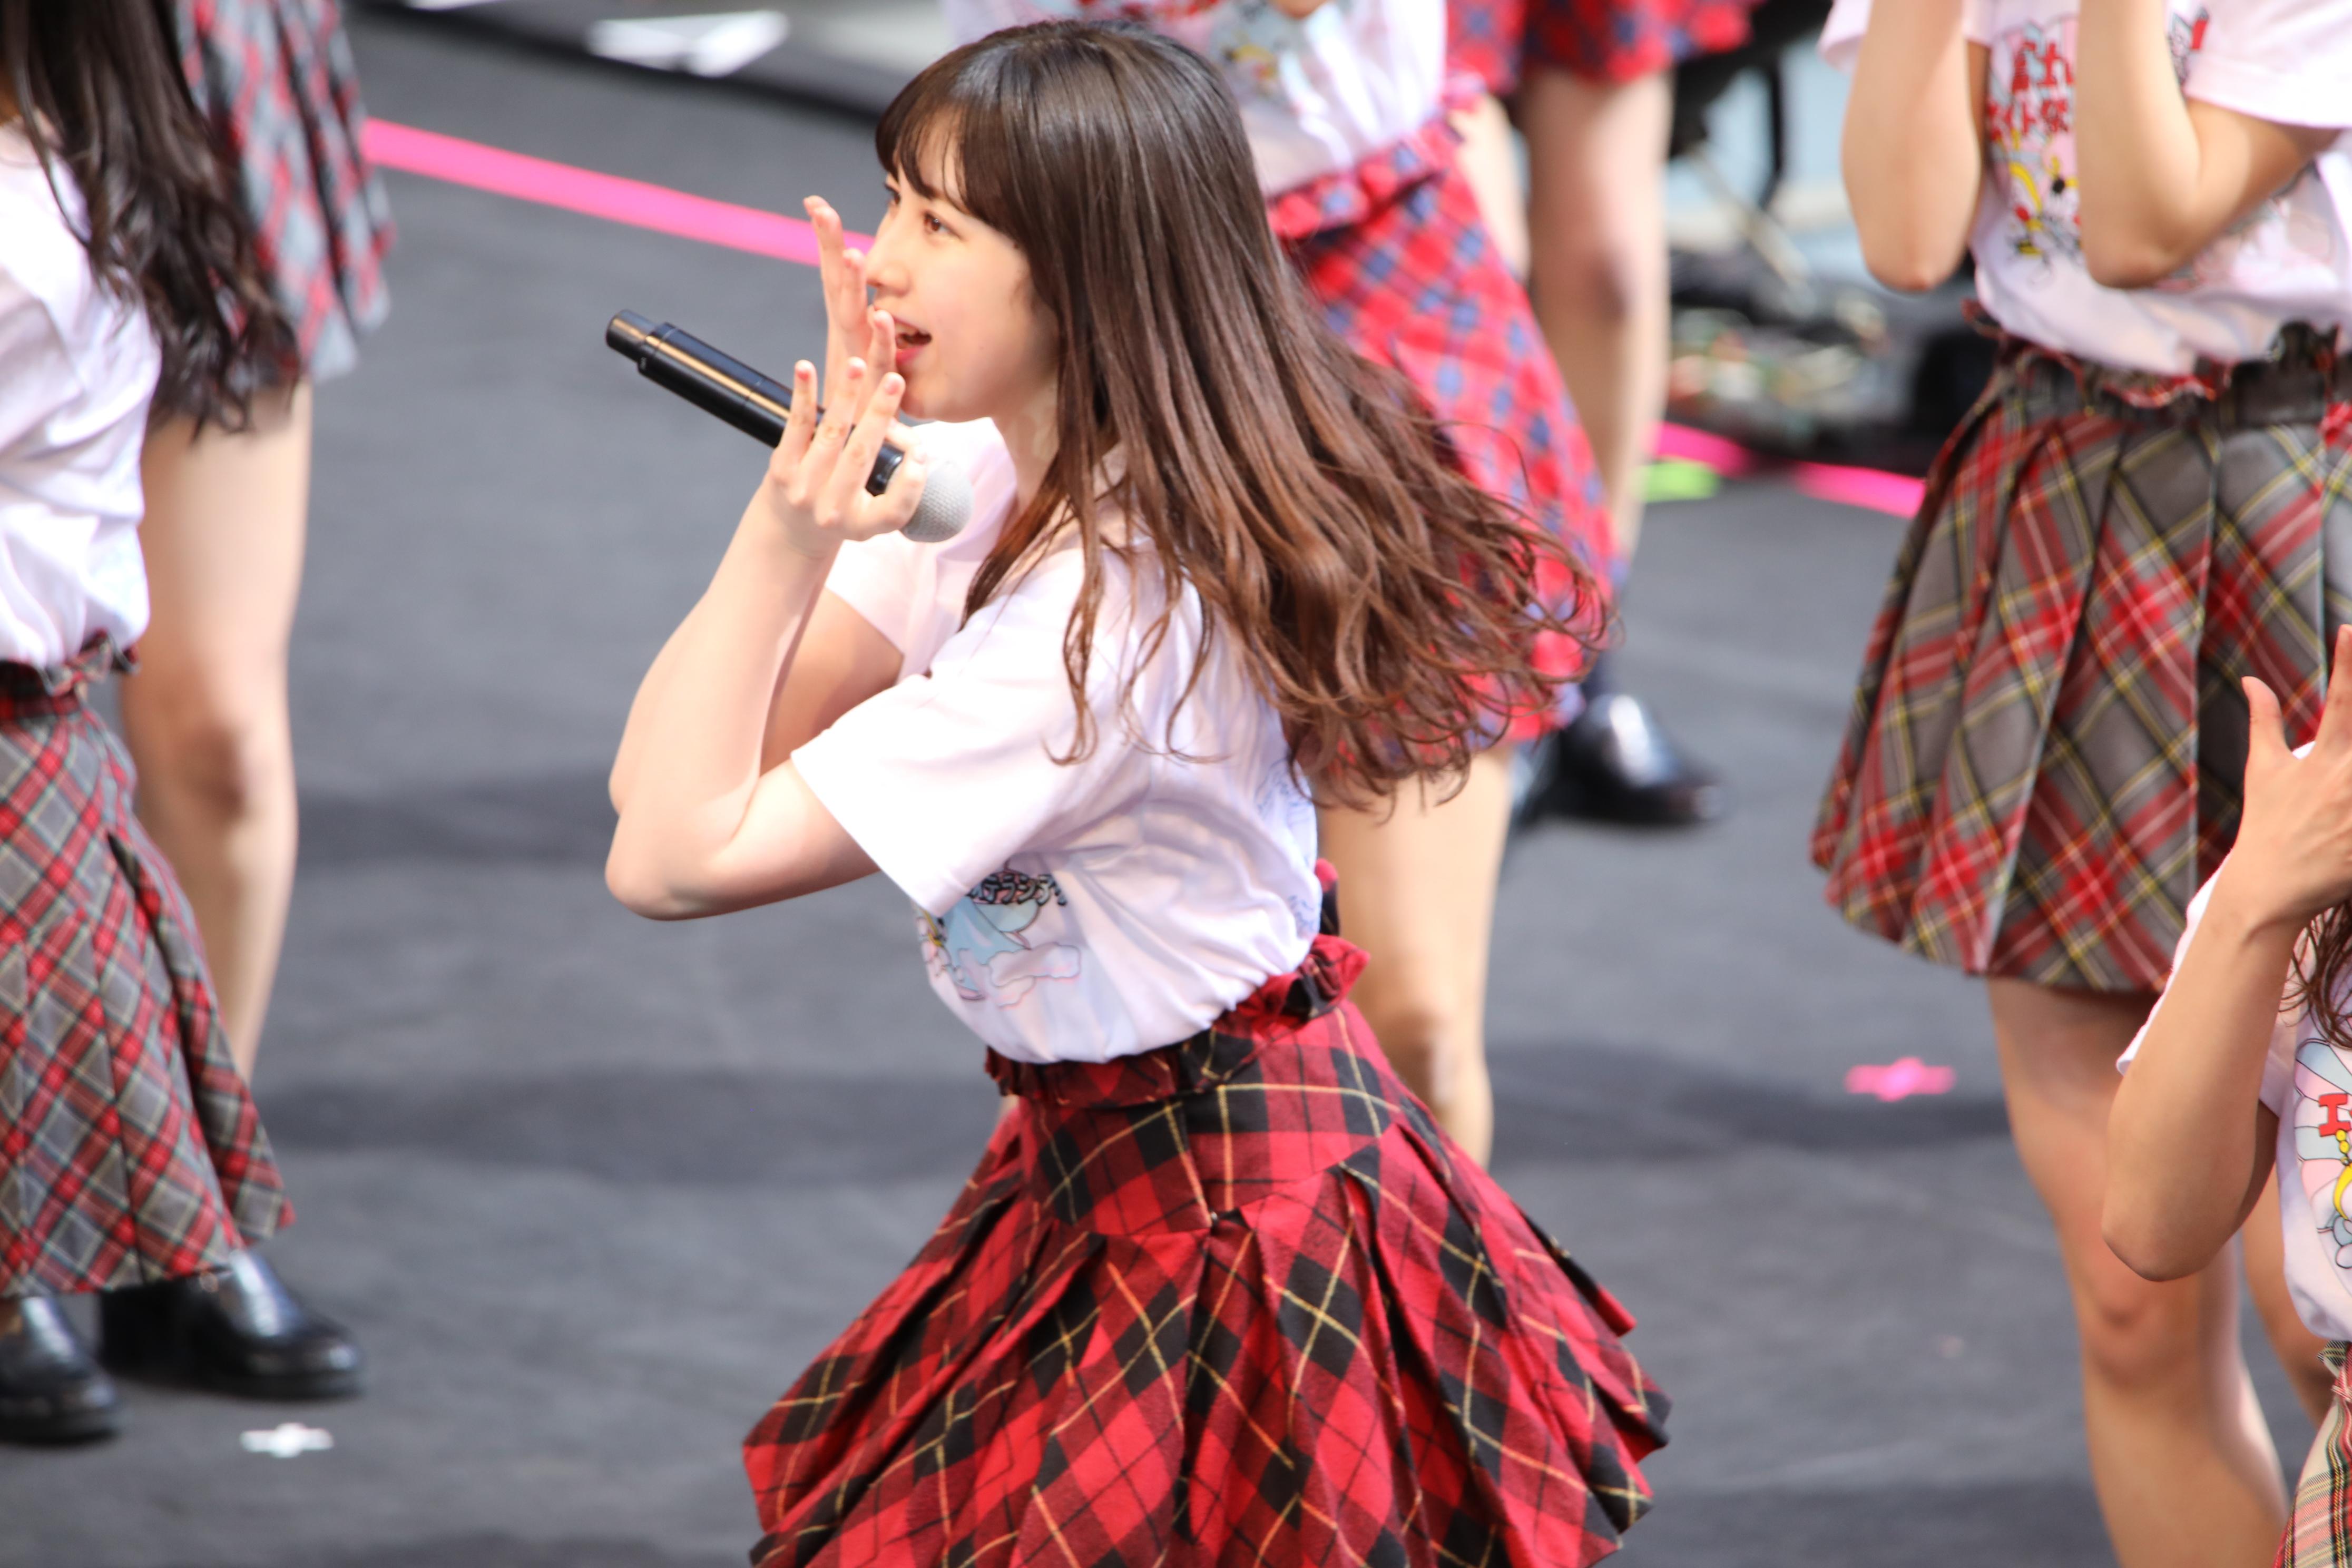 永野芹佳(チーム8結成5周年コンサート)